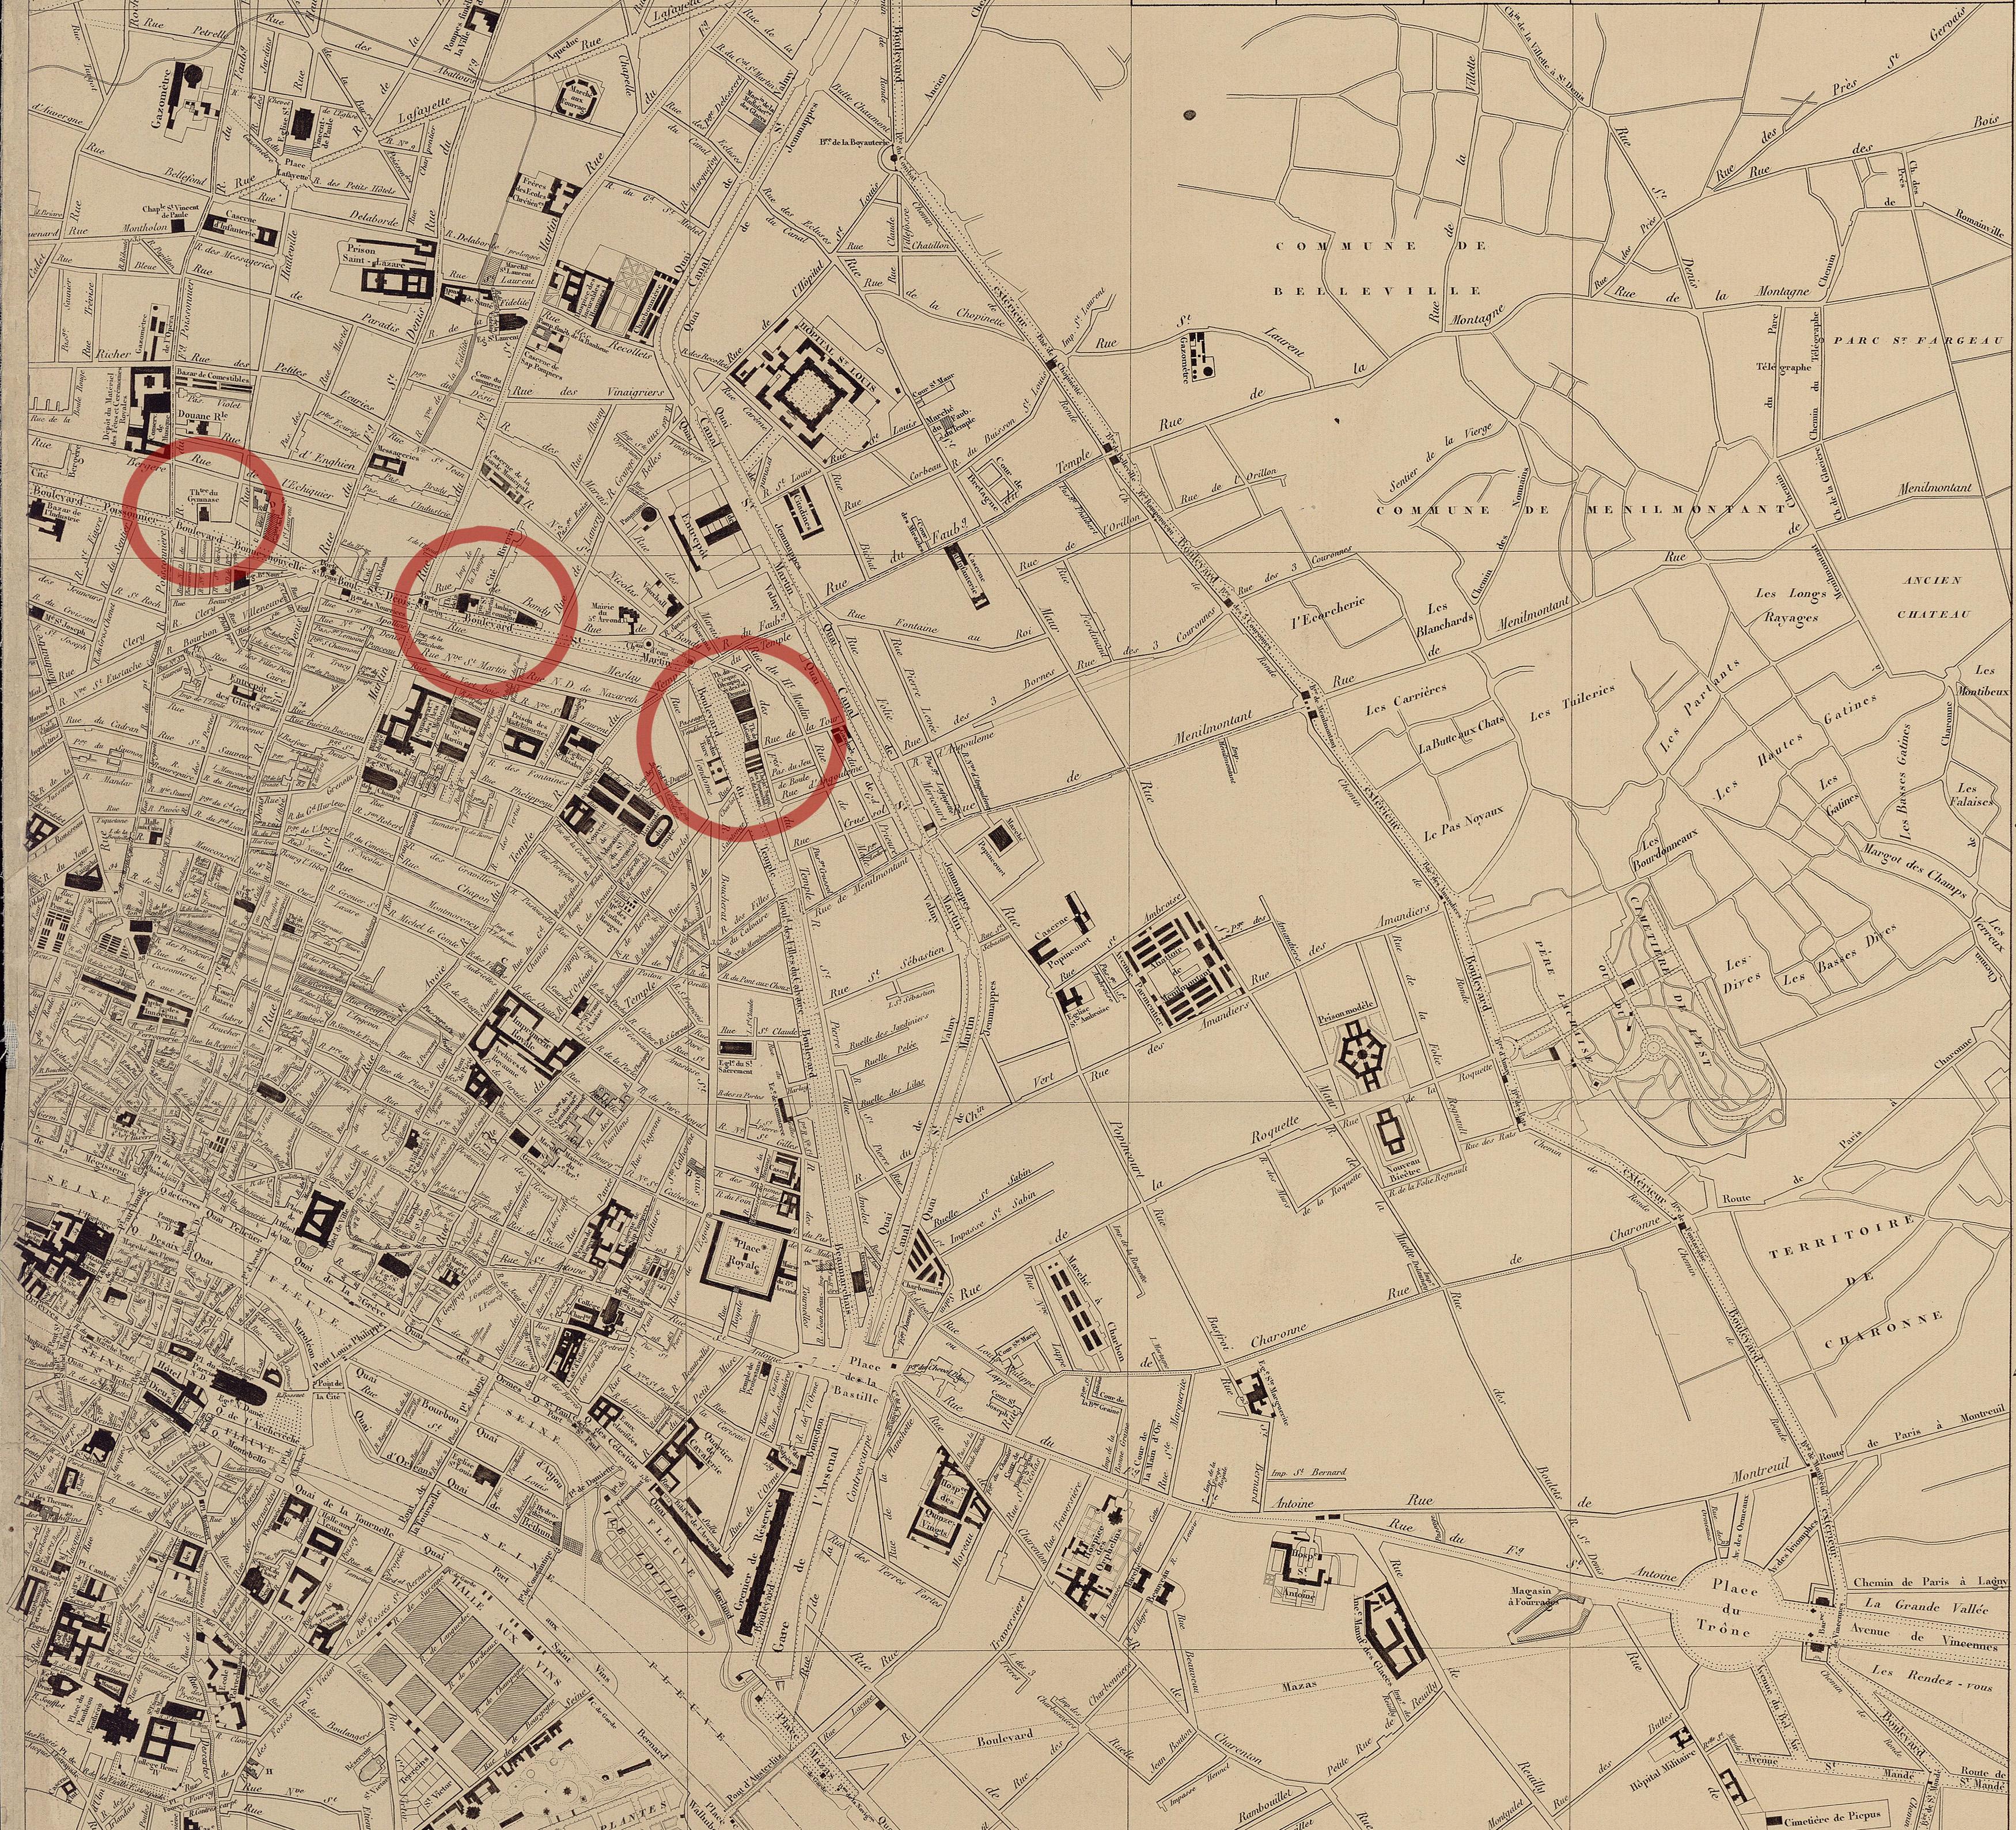 Histoire des th tres parisiens la restauration et la - Theatre de la porte saint martin plan ...